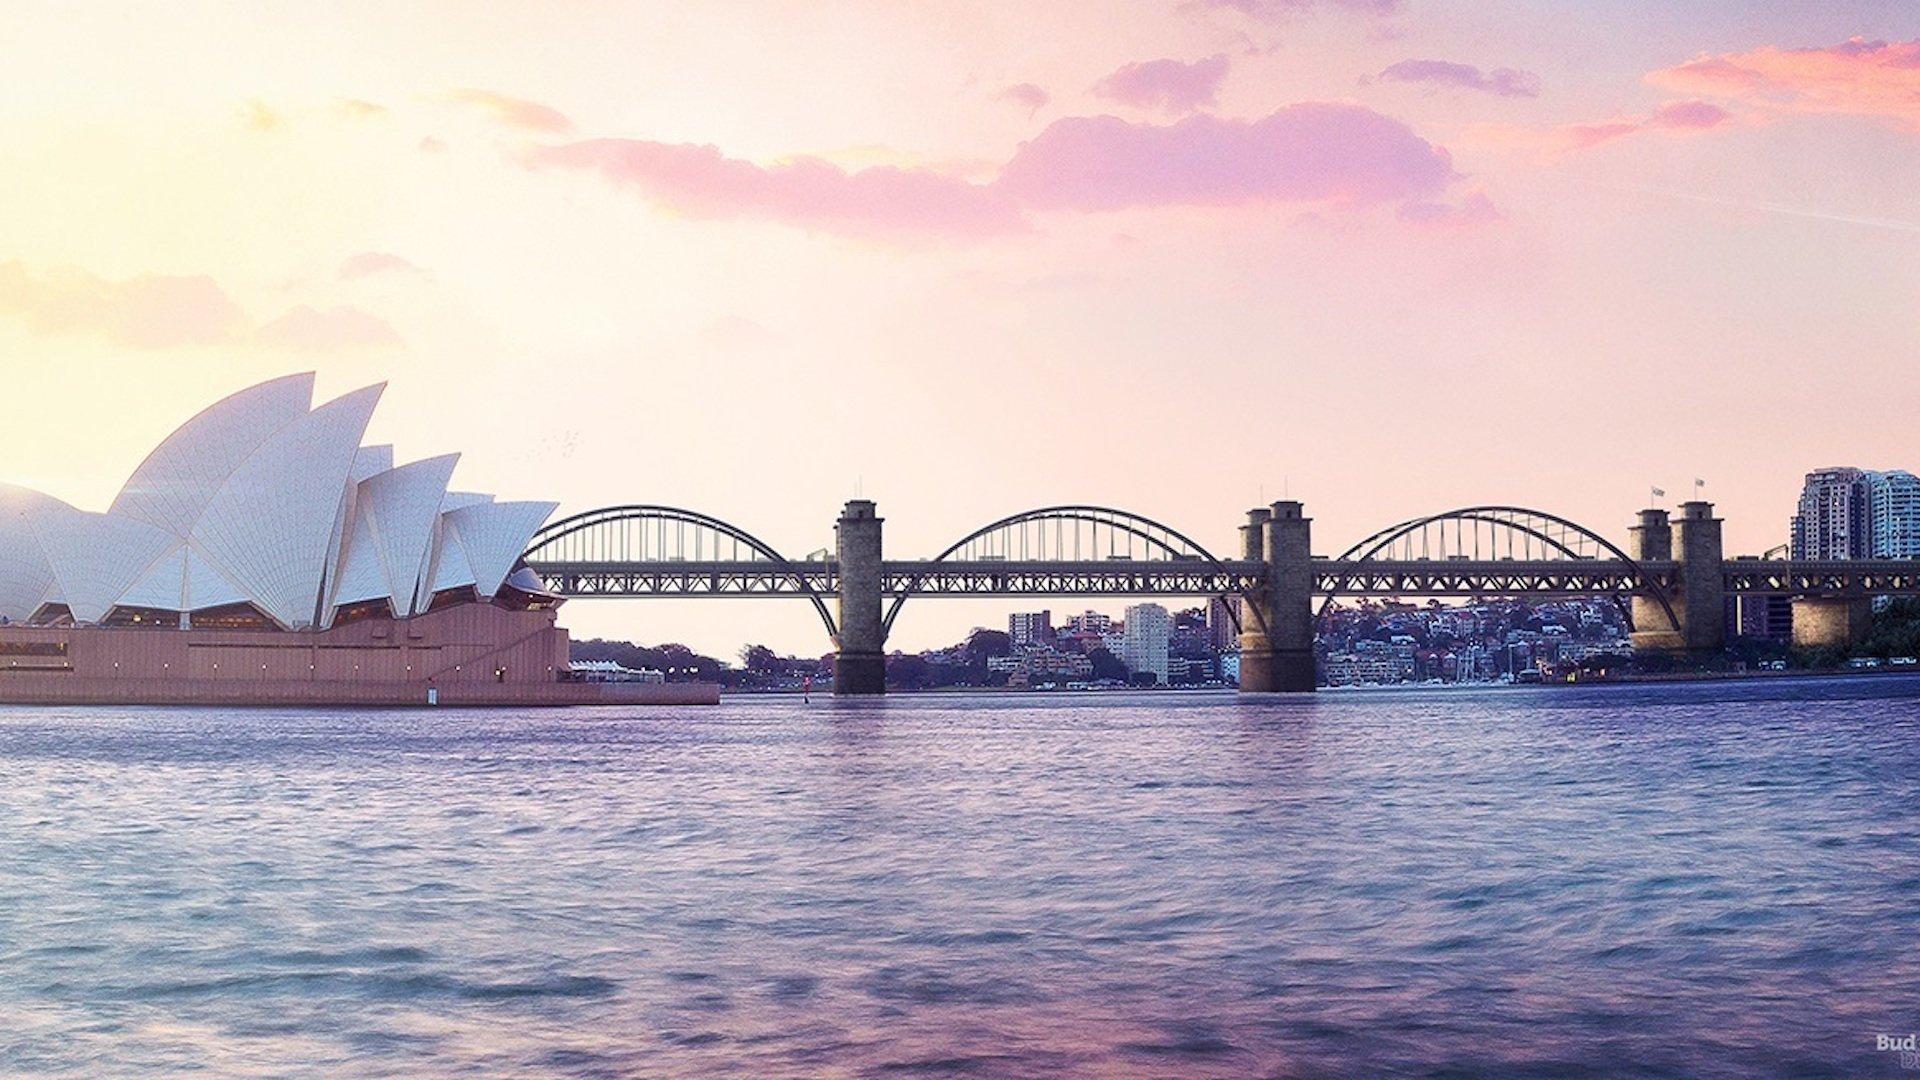 Así podría haber sido el famoso puente Harbour Bridge de Sídney